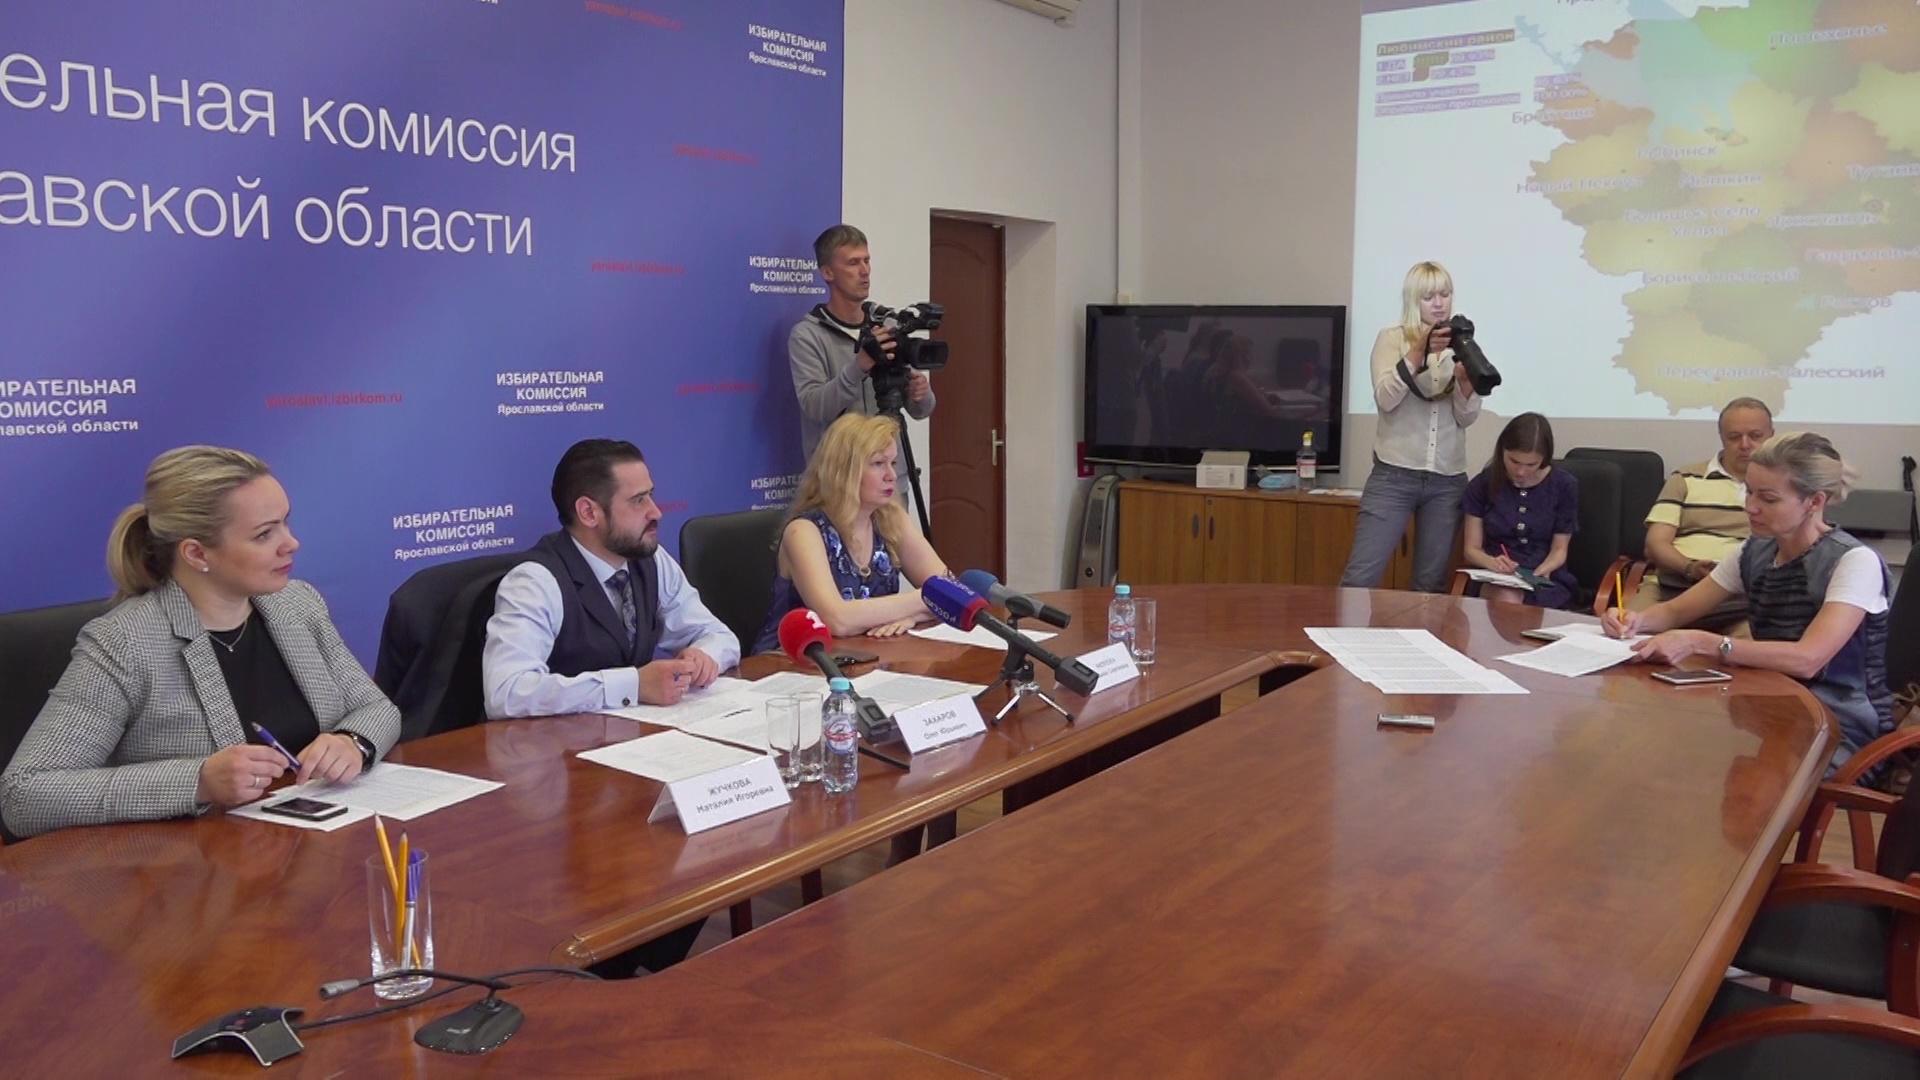 Избирком Ярославской области подвел итоги голосования по внесению поправок в Конституцию